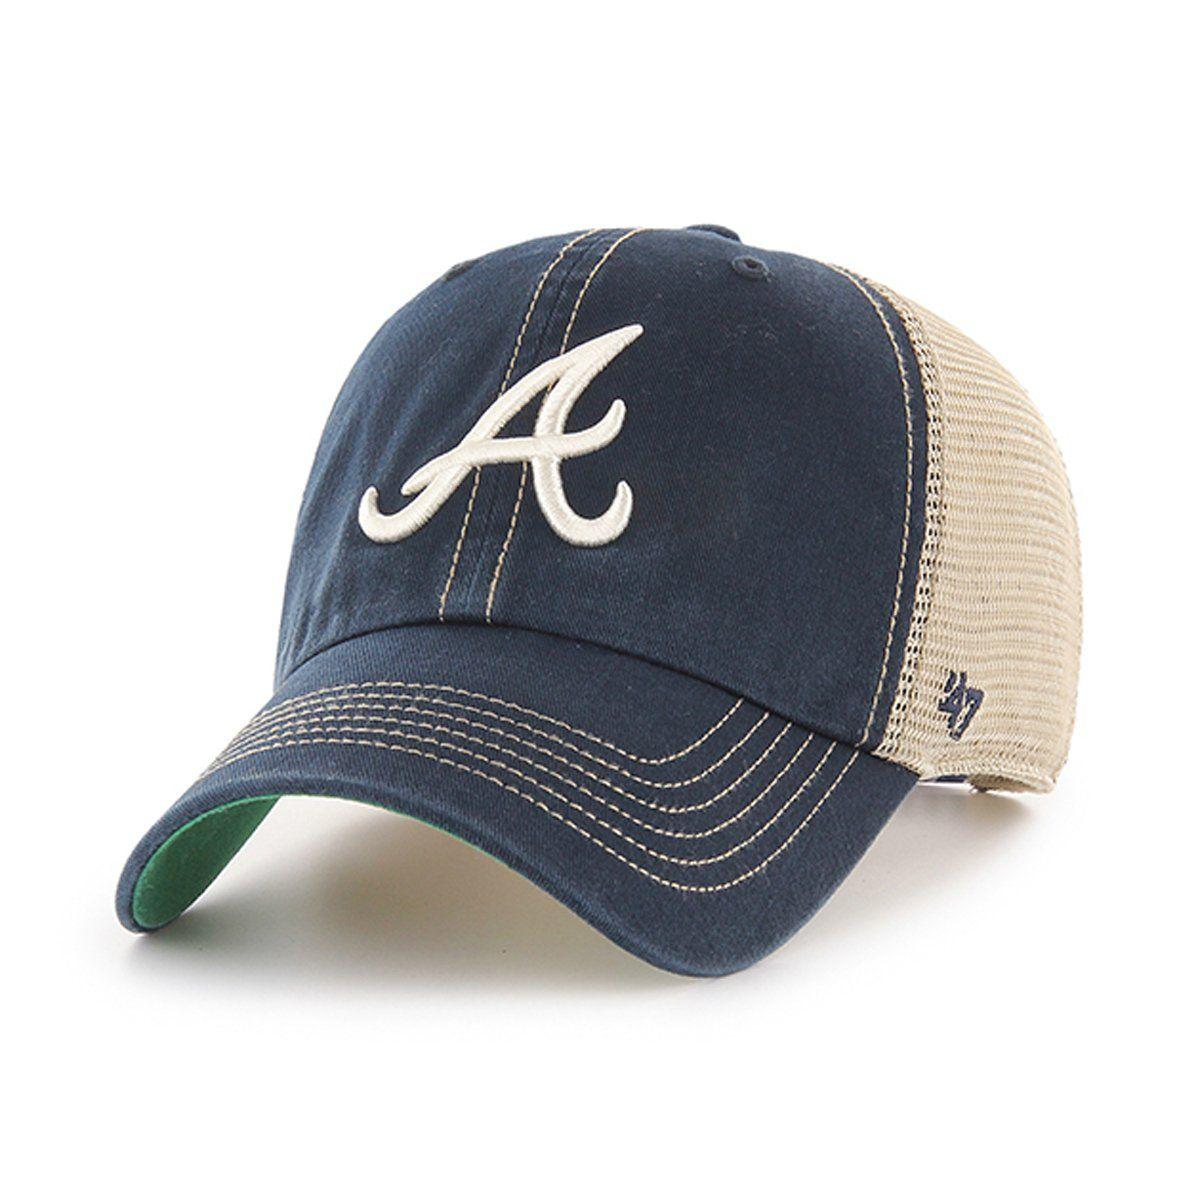 Atlanta Braves 47 Brand Hat Atlanta Braves Atlanta Braves Hat Braves Hat